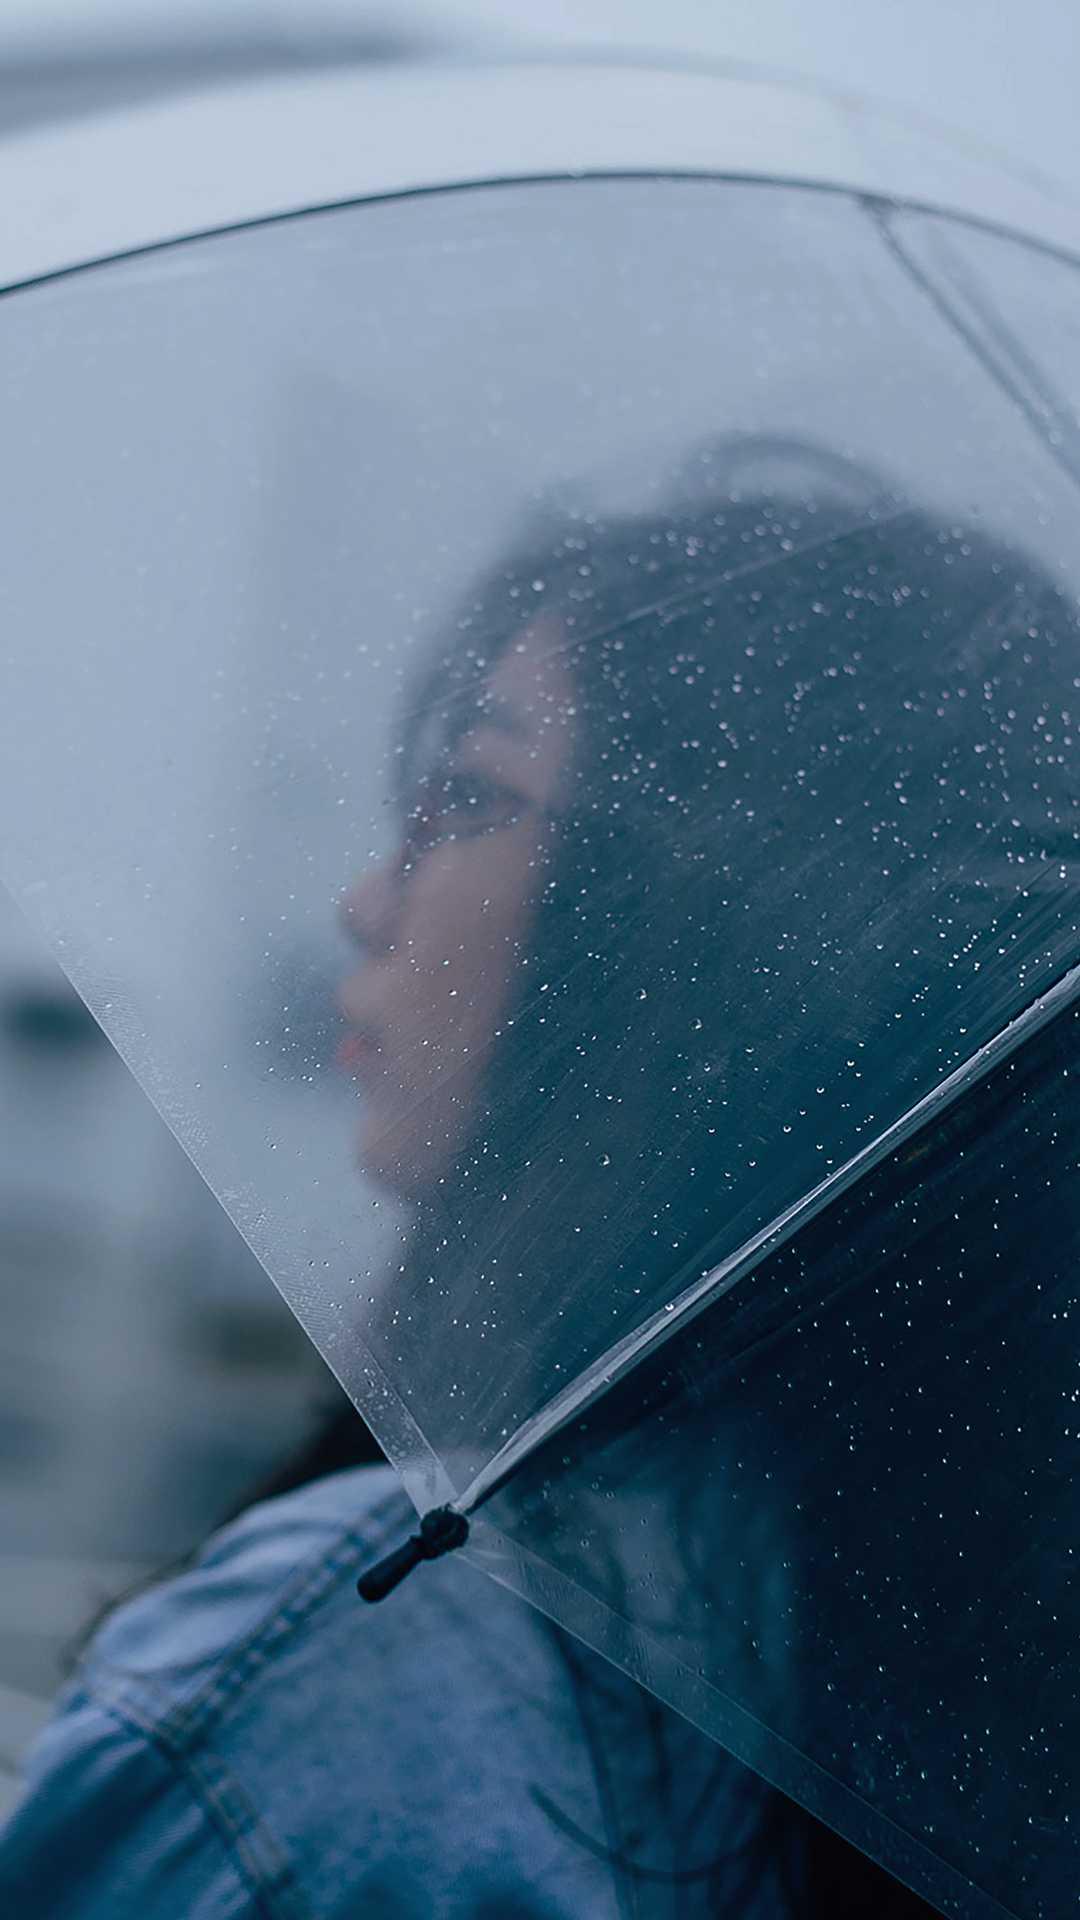 Transparent Umbrella Girl Rain Drops iPhone Wallpaper